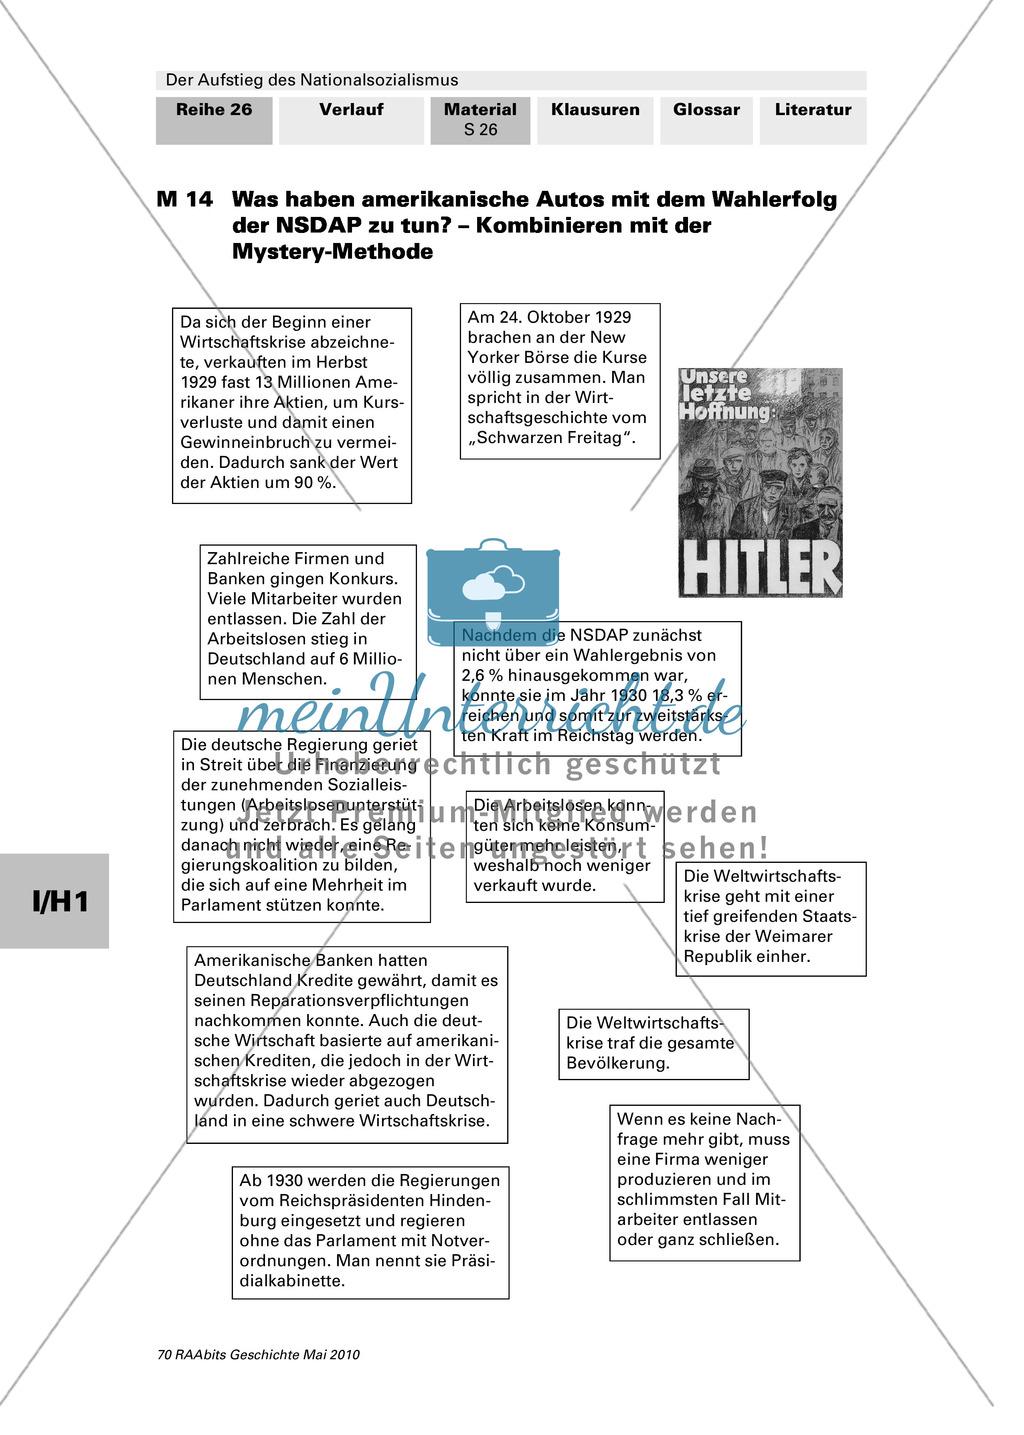 Der Aufstieg des Nationalsozialismus in der Weimarer Republik: Texte: Weltwirtschaftskrise und der Aufstieg der NSDAP + Mystery-Methode Preview 0